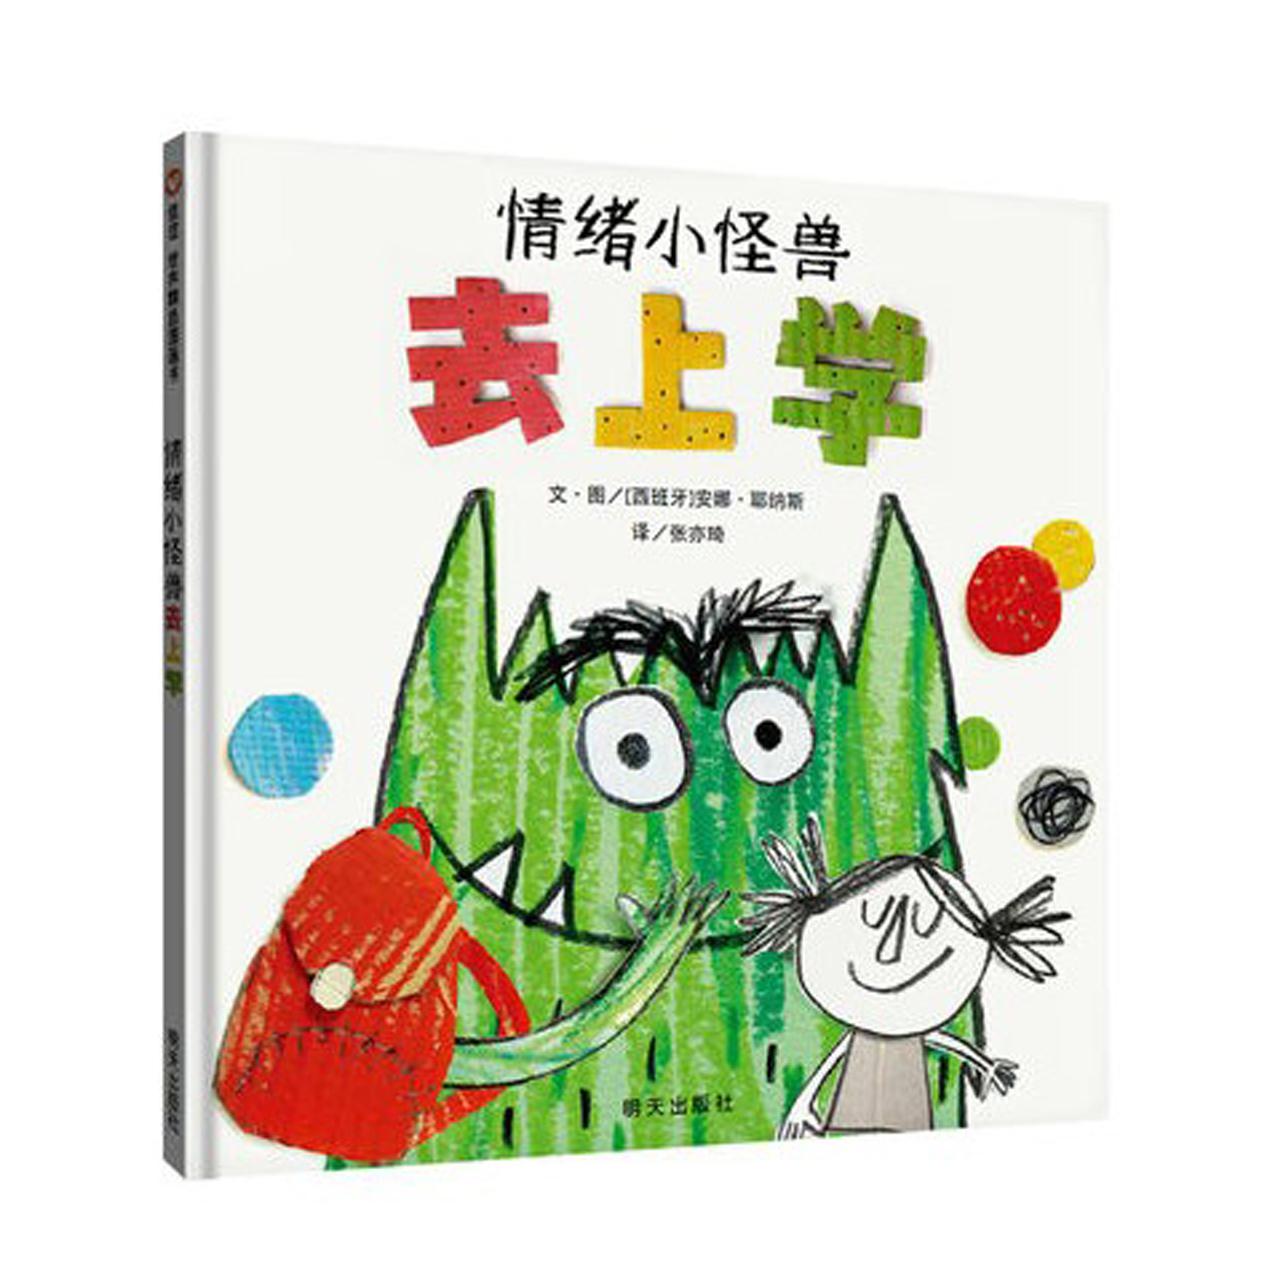 情绪小怪兽去上学 【儿童绘本/翻译绘本/有趣故事】